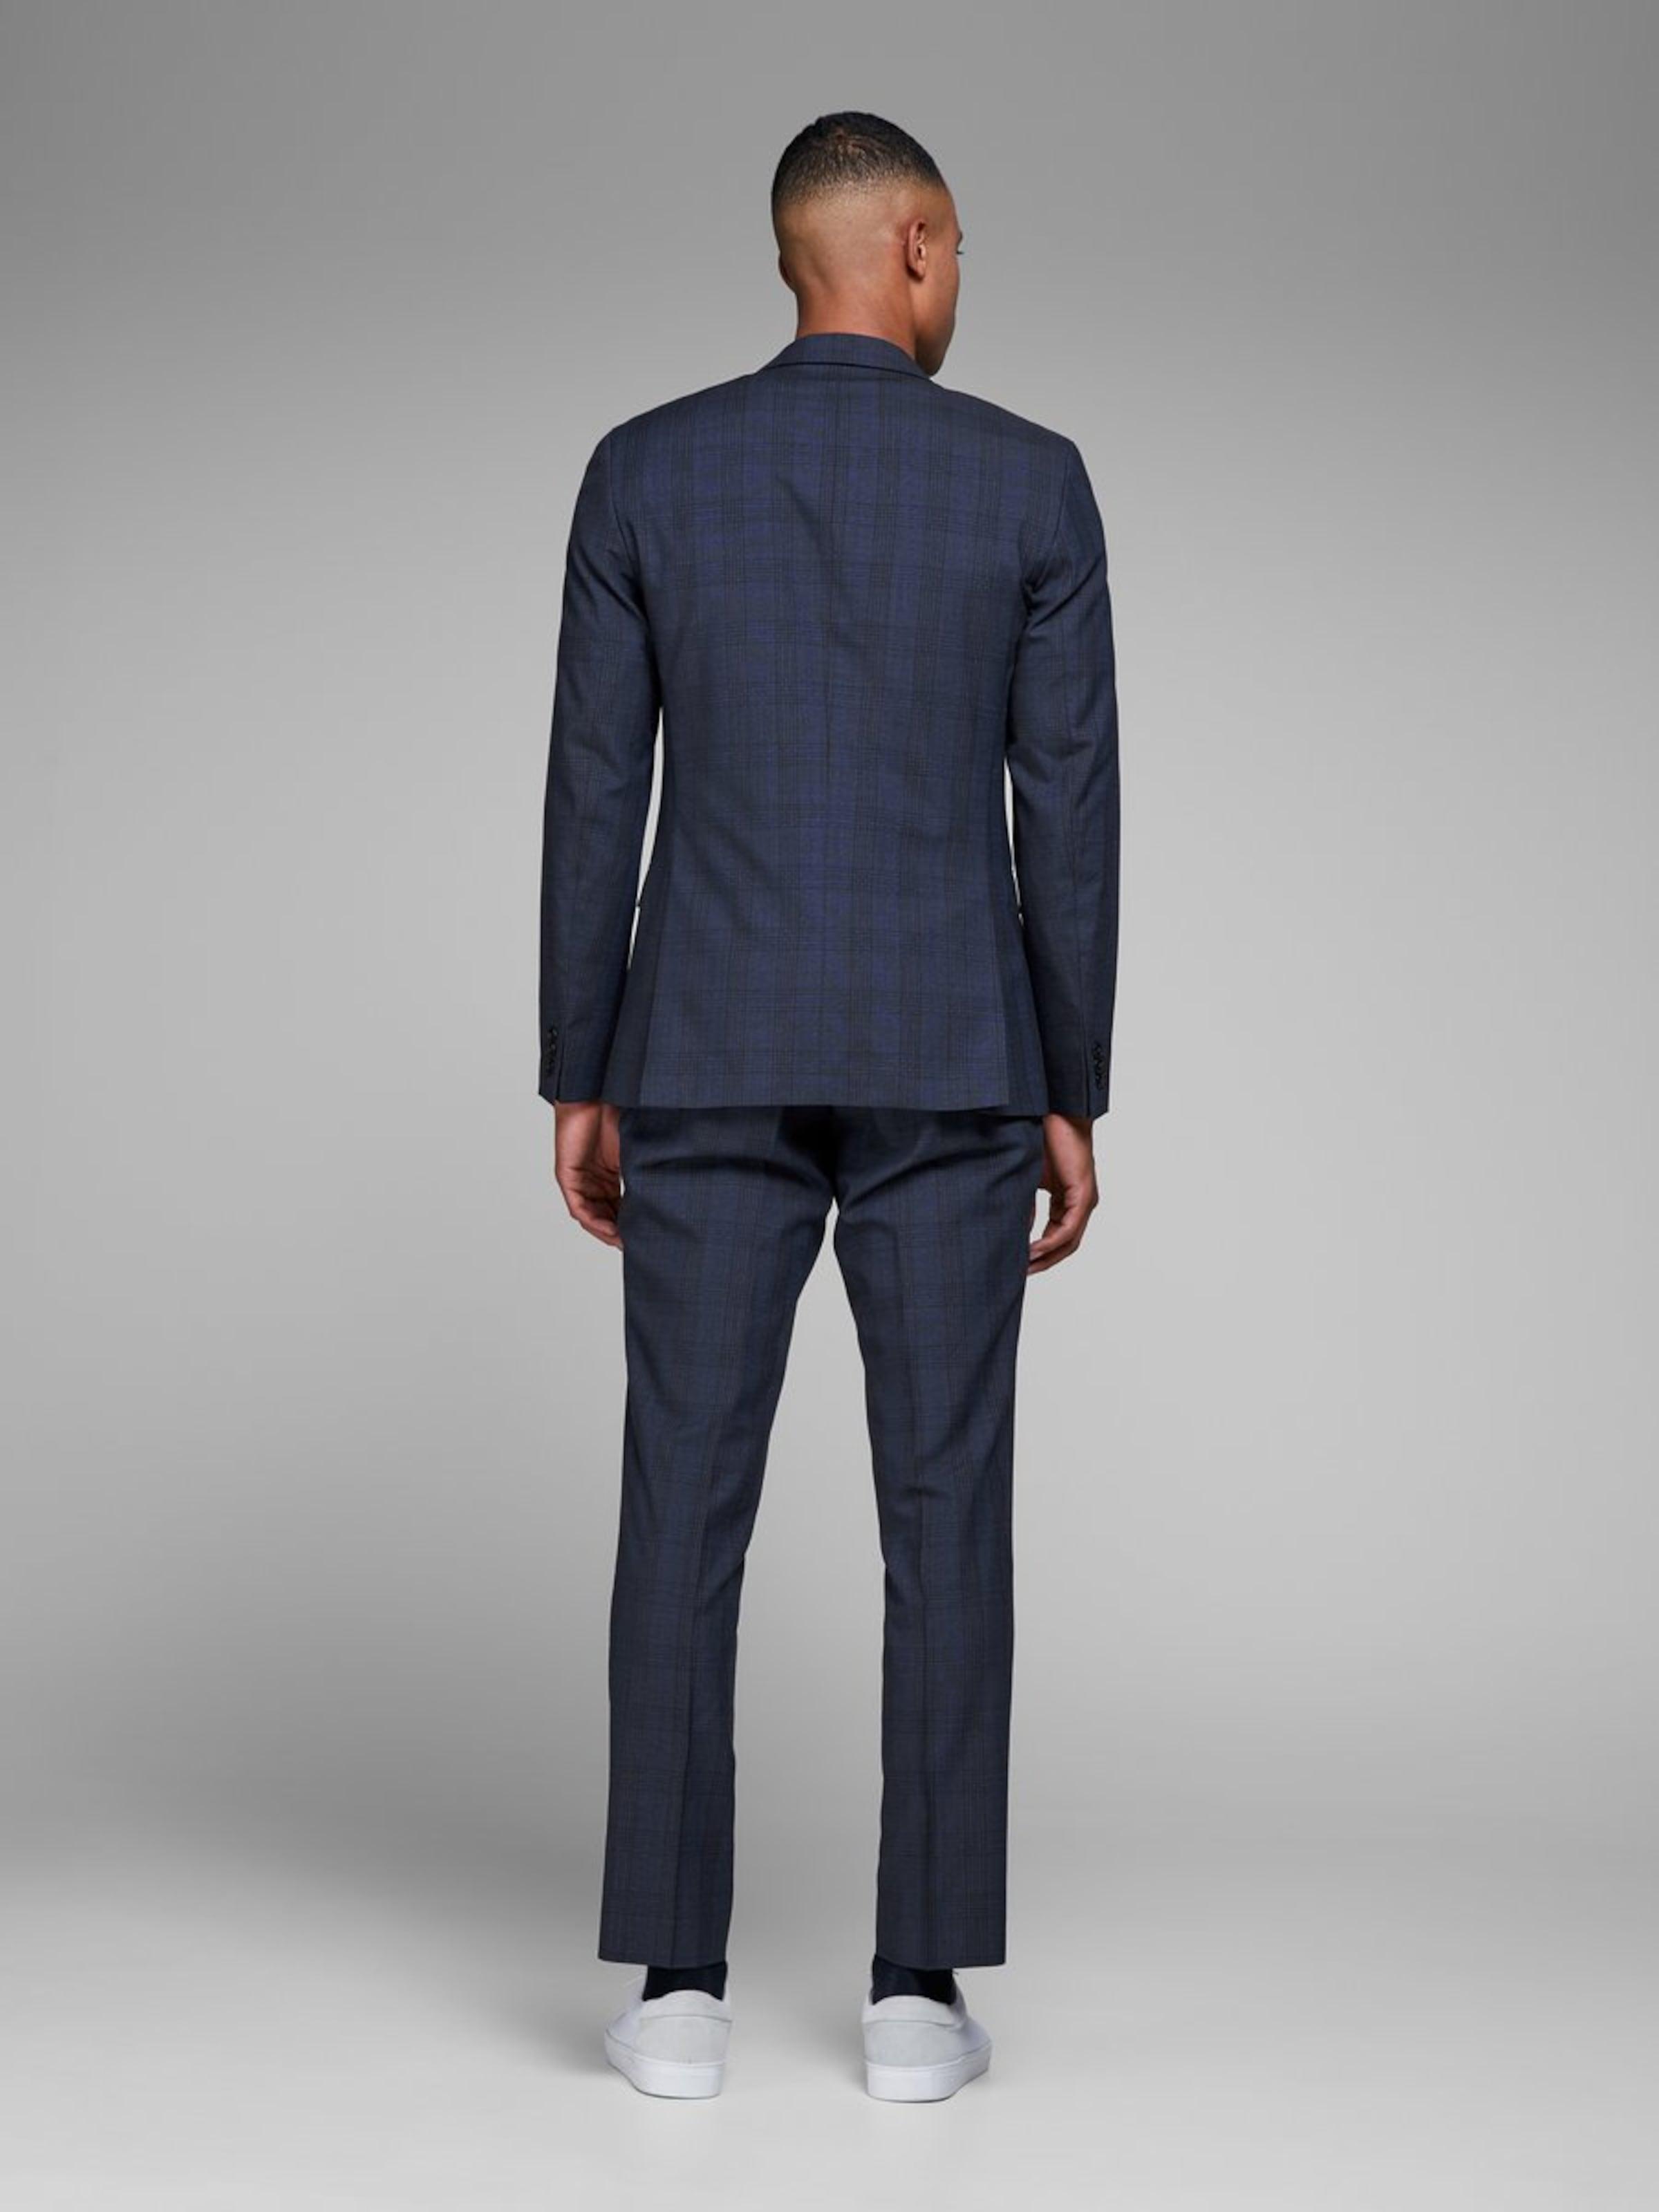 Costume Jackamp; De Jones Bleu En CobaltNoir Veste CodBerx